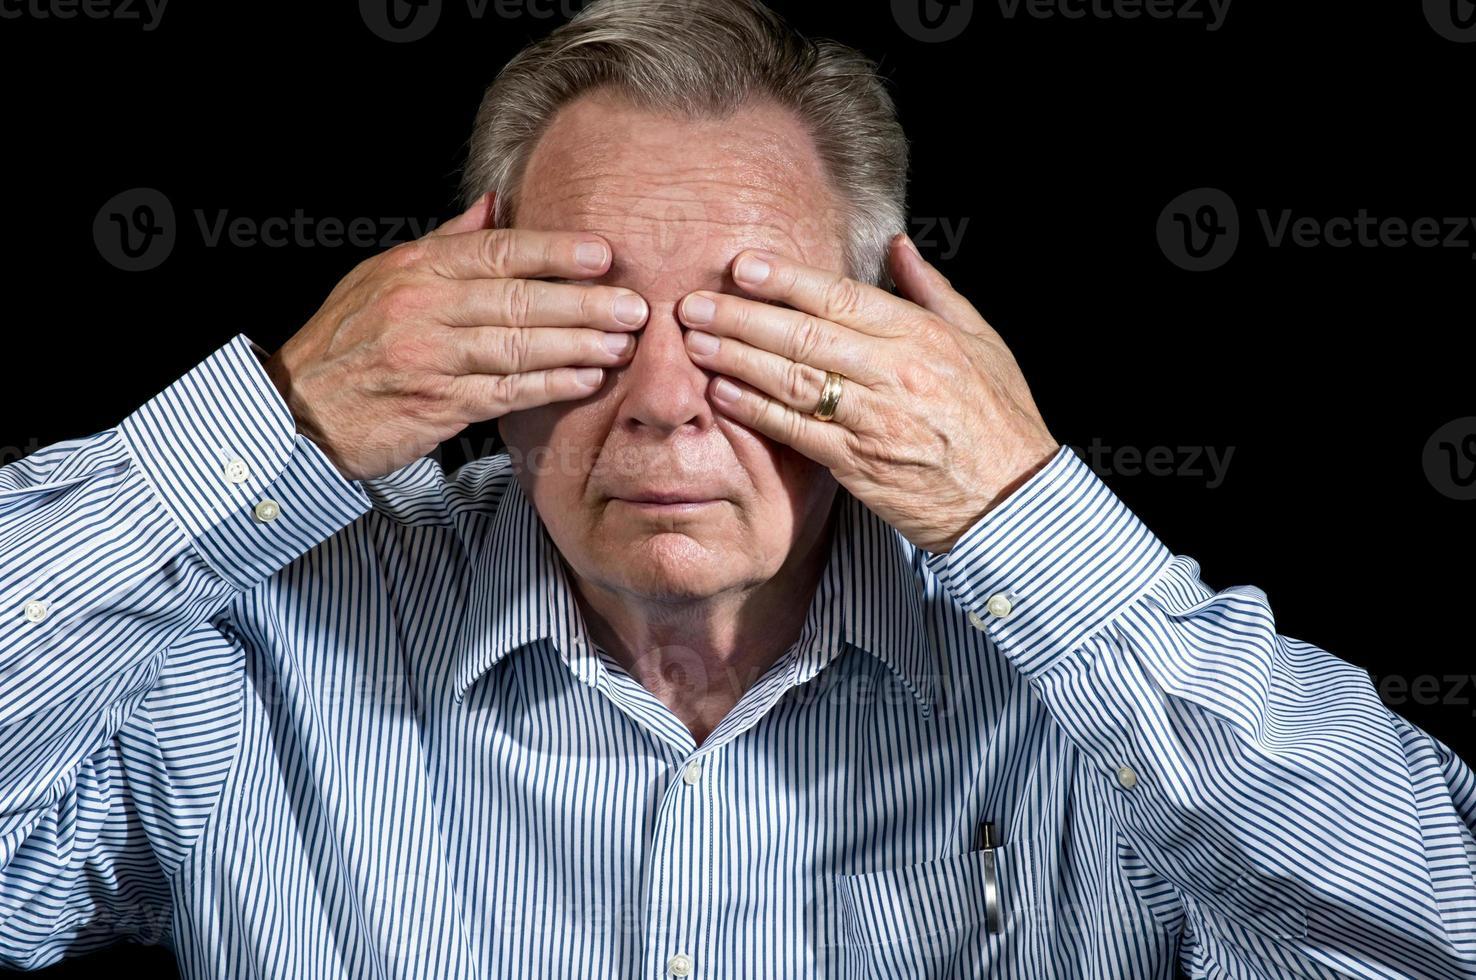 homme d'affaires avec les mains sur les yeux gesticulant ne voir aucun mal photo